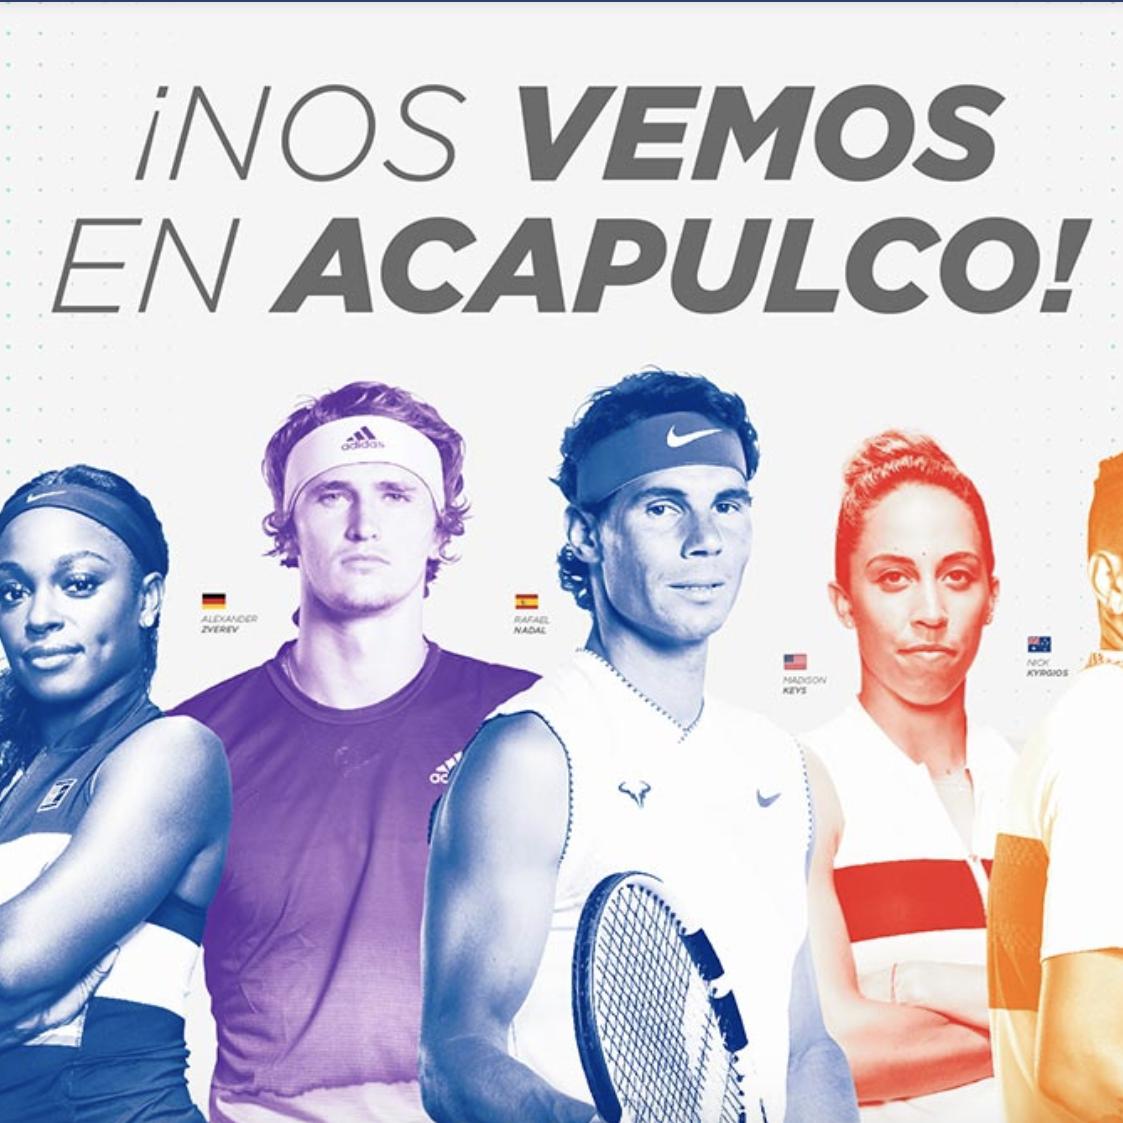 Abierto Mexicano de Tenis 2020-min